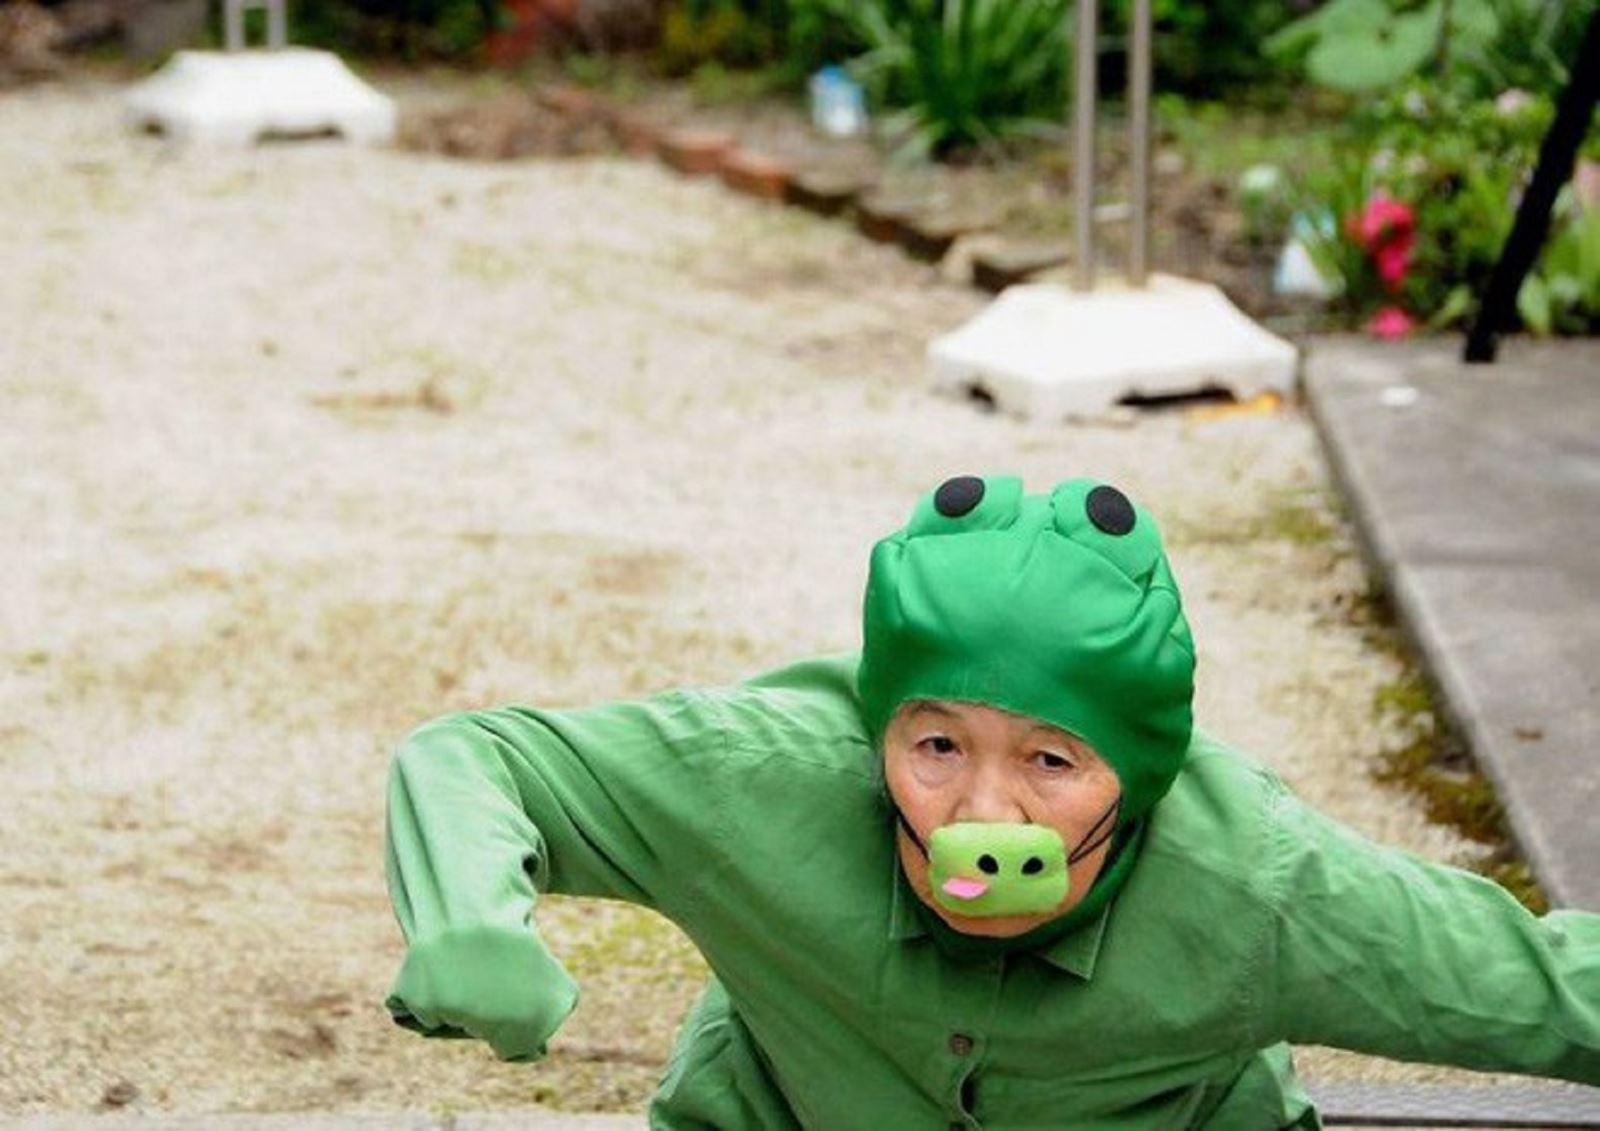 90 tuổi cụ bà người Nhật vẫn tự chụp những shot hình vui nhộn với chiếc máy ảnh của mình